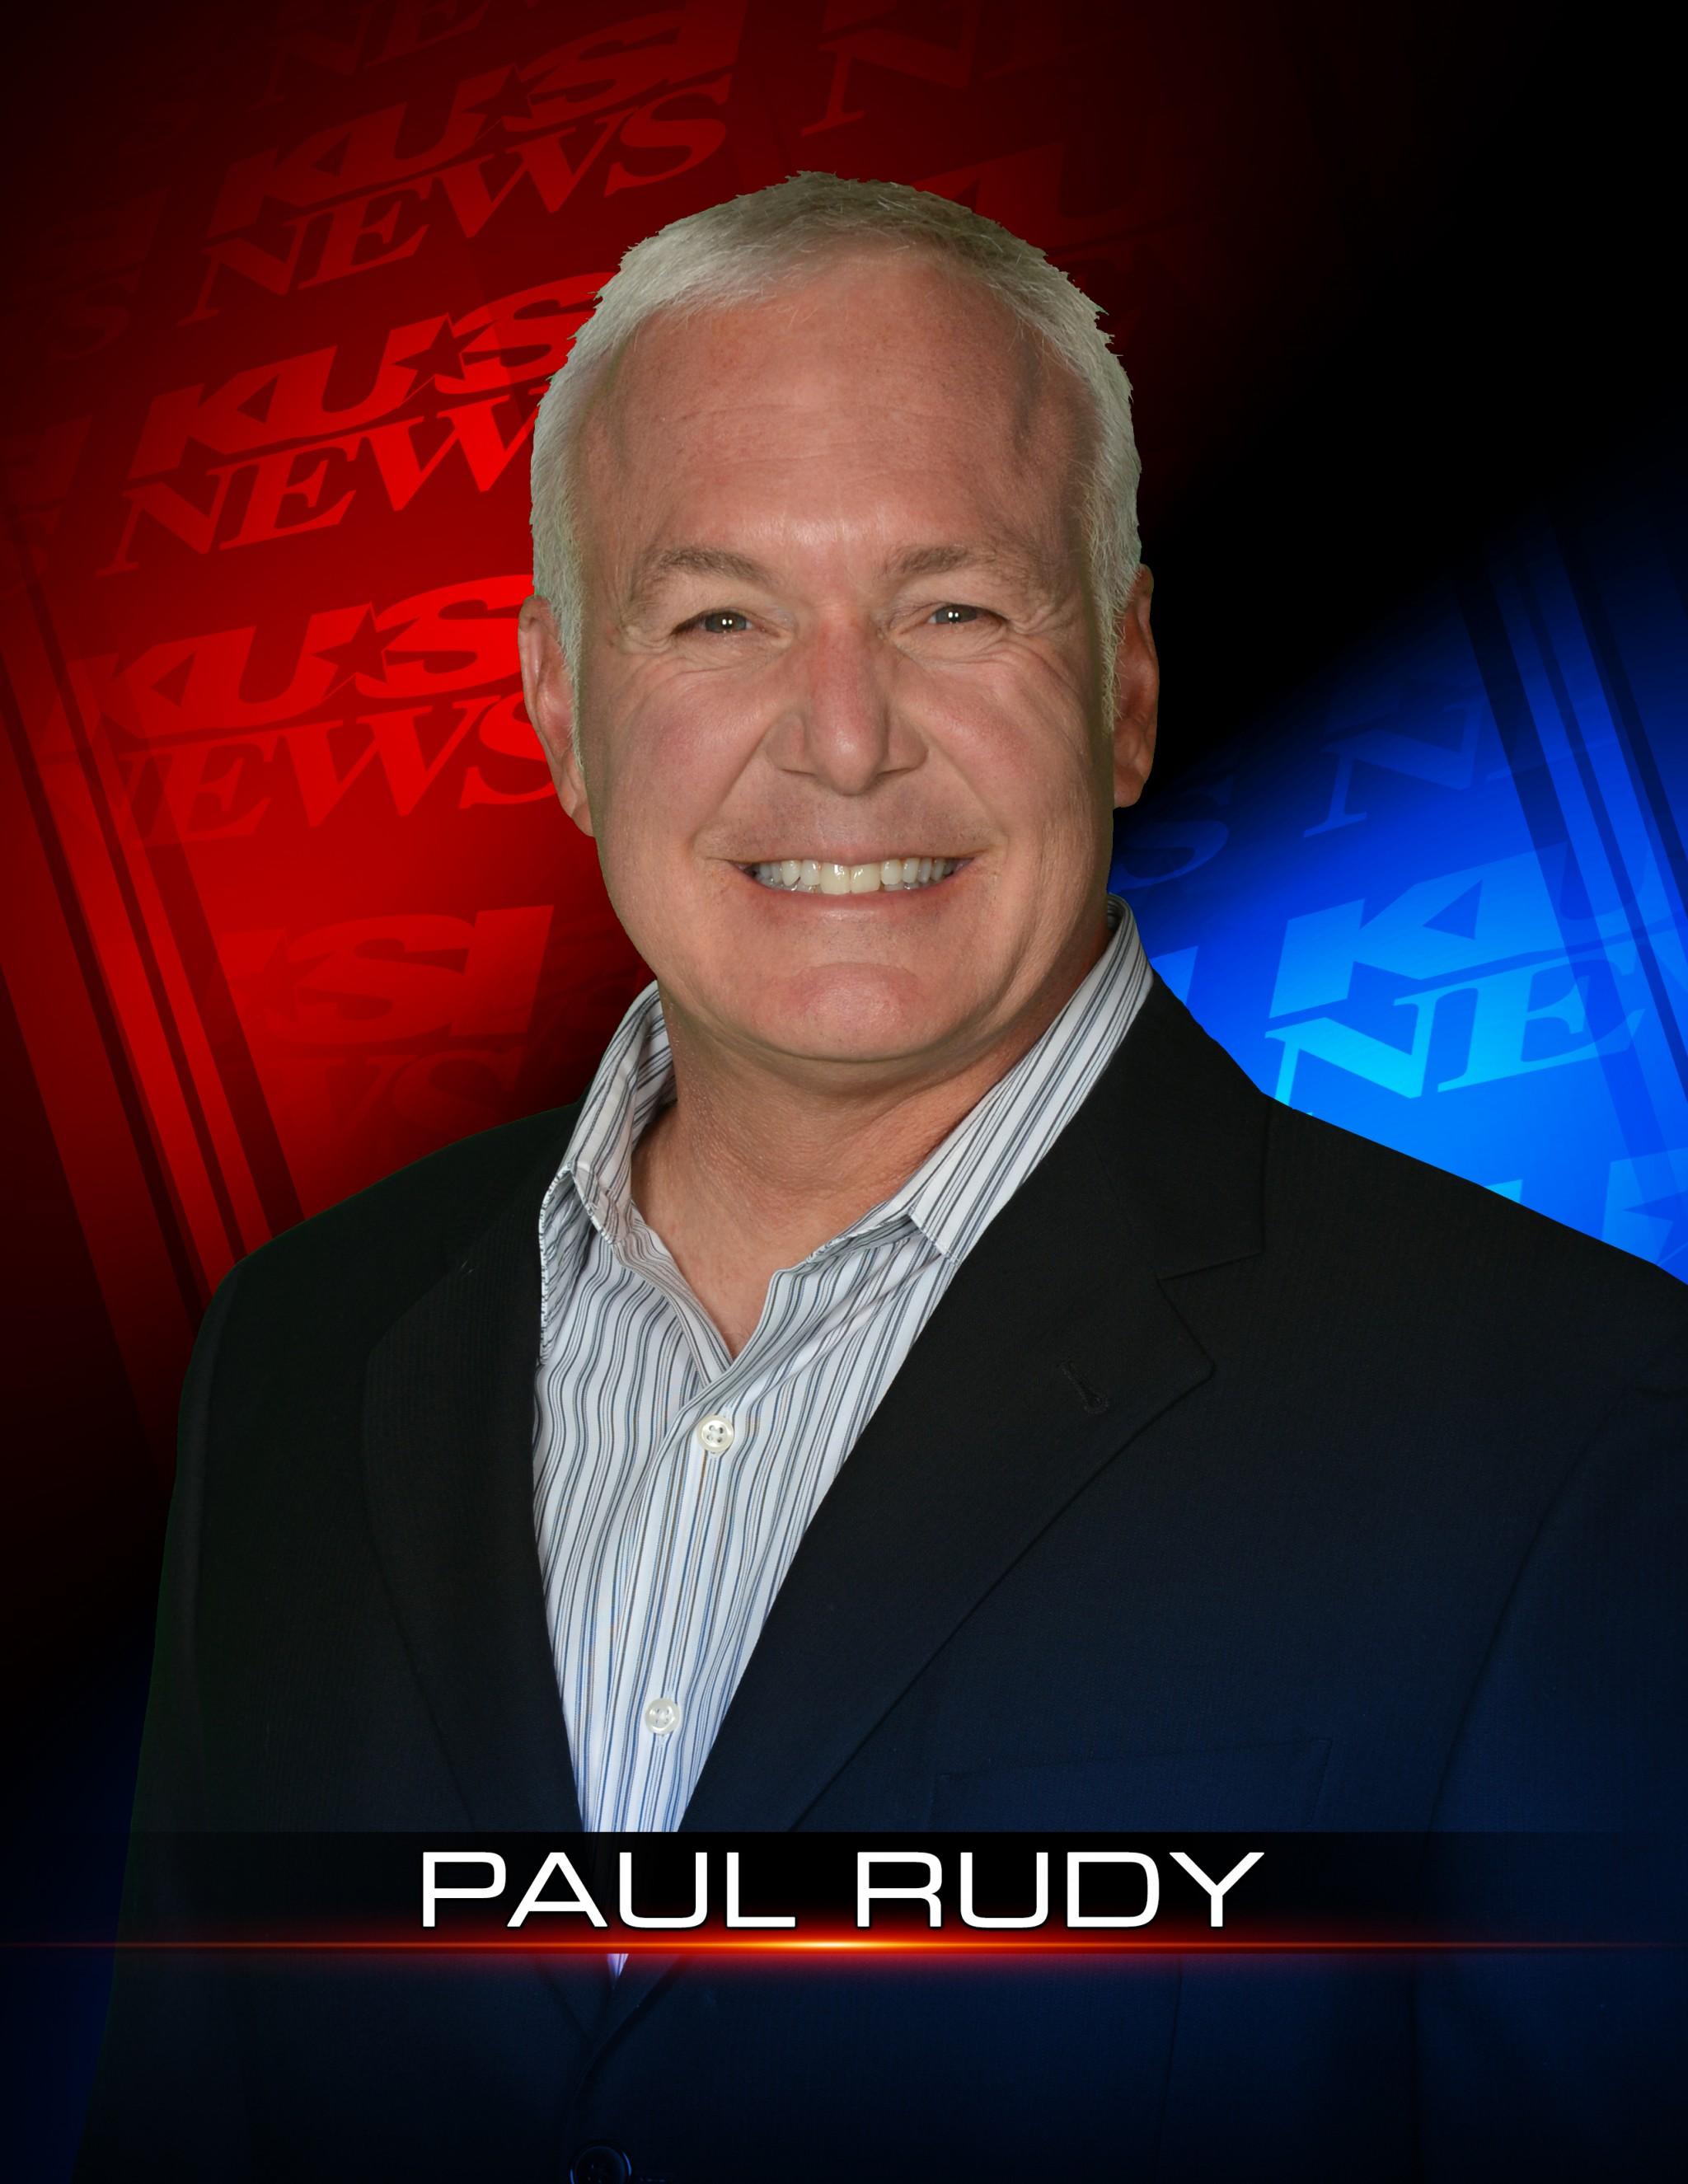 Paul Rudy